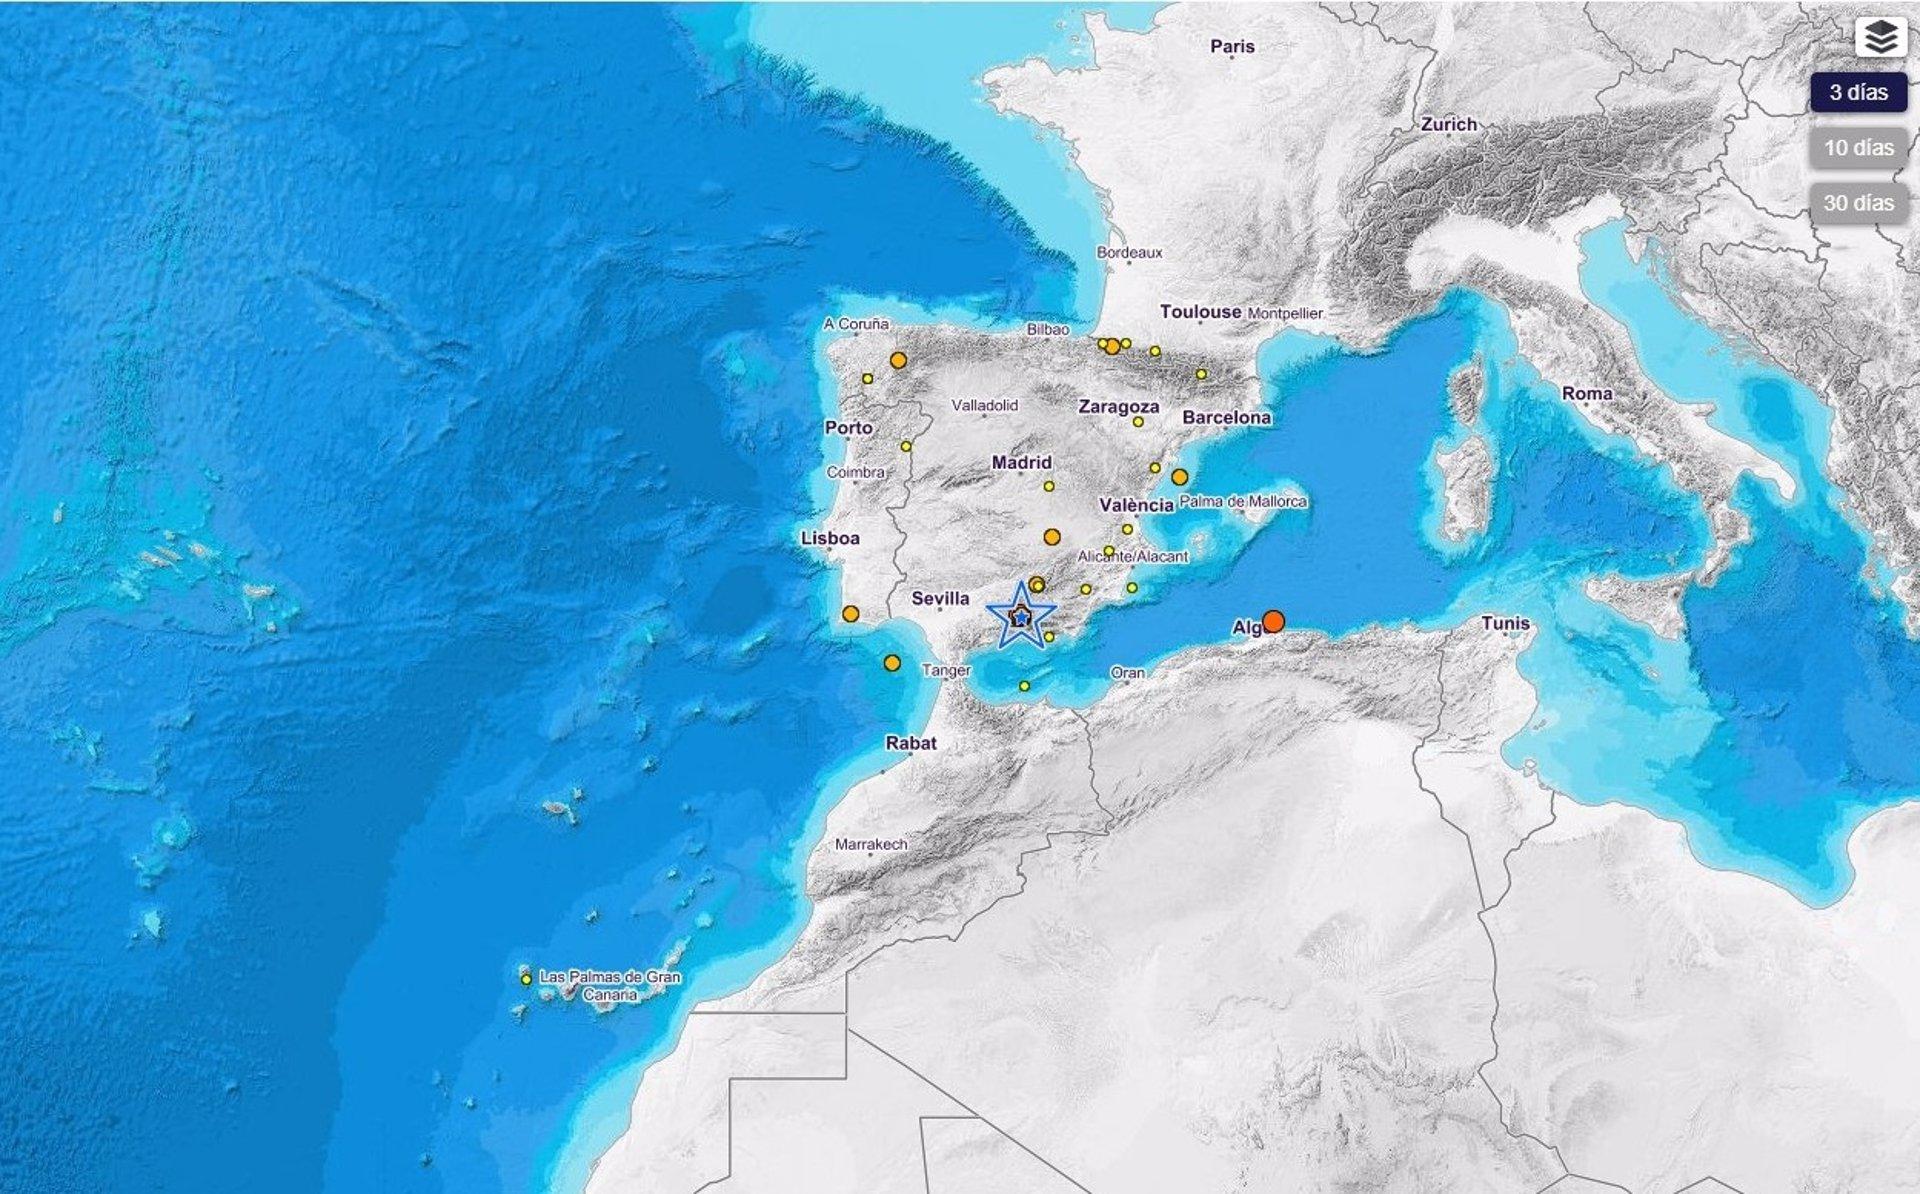 Santa Fe registra la mayoría de terremotos de baja intensidad de las últimas horas